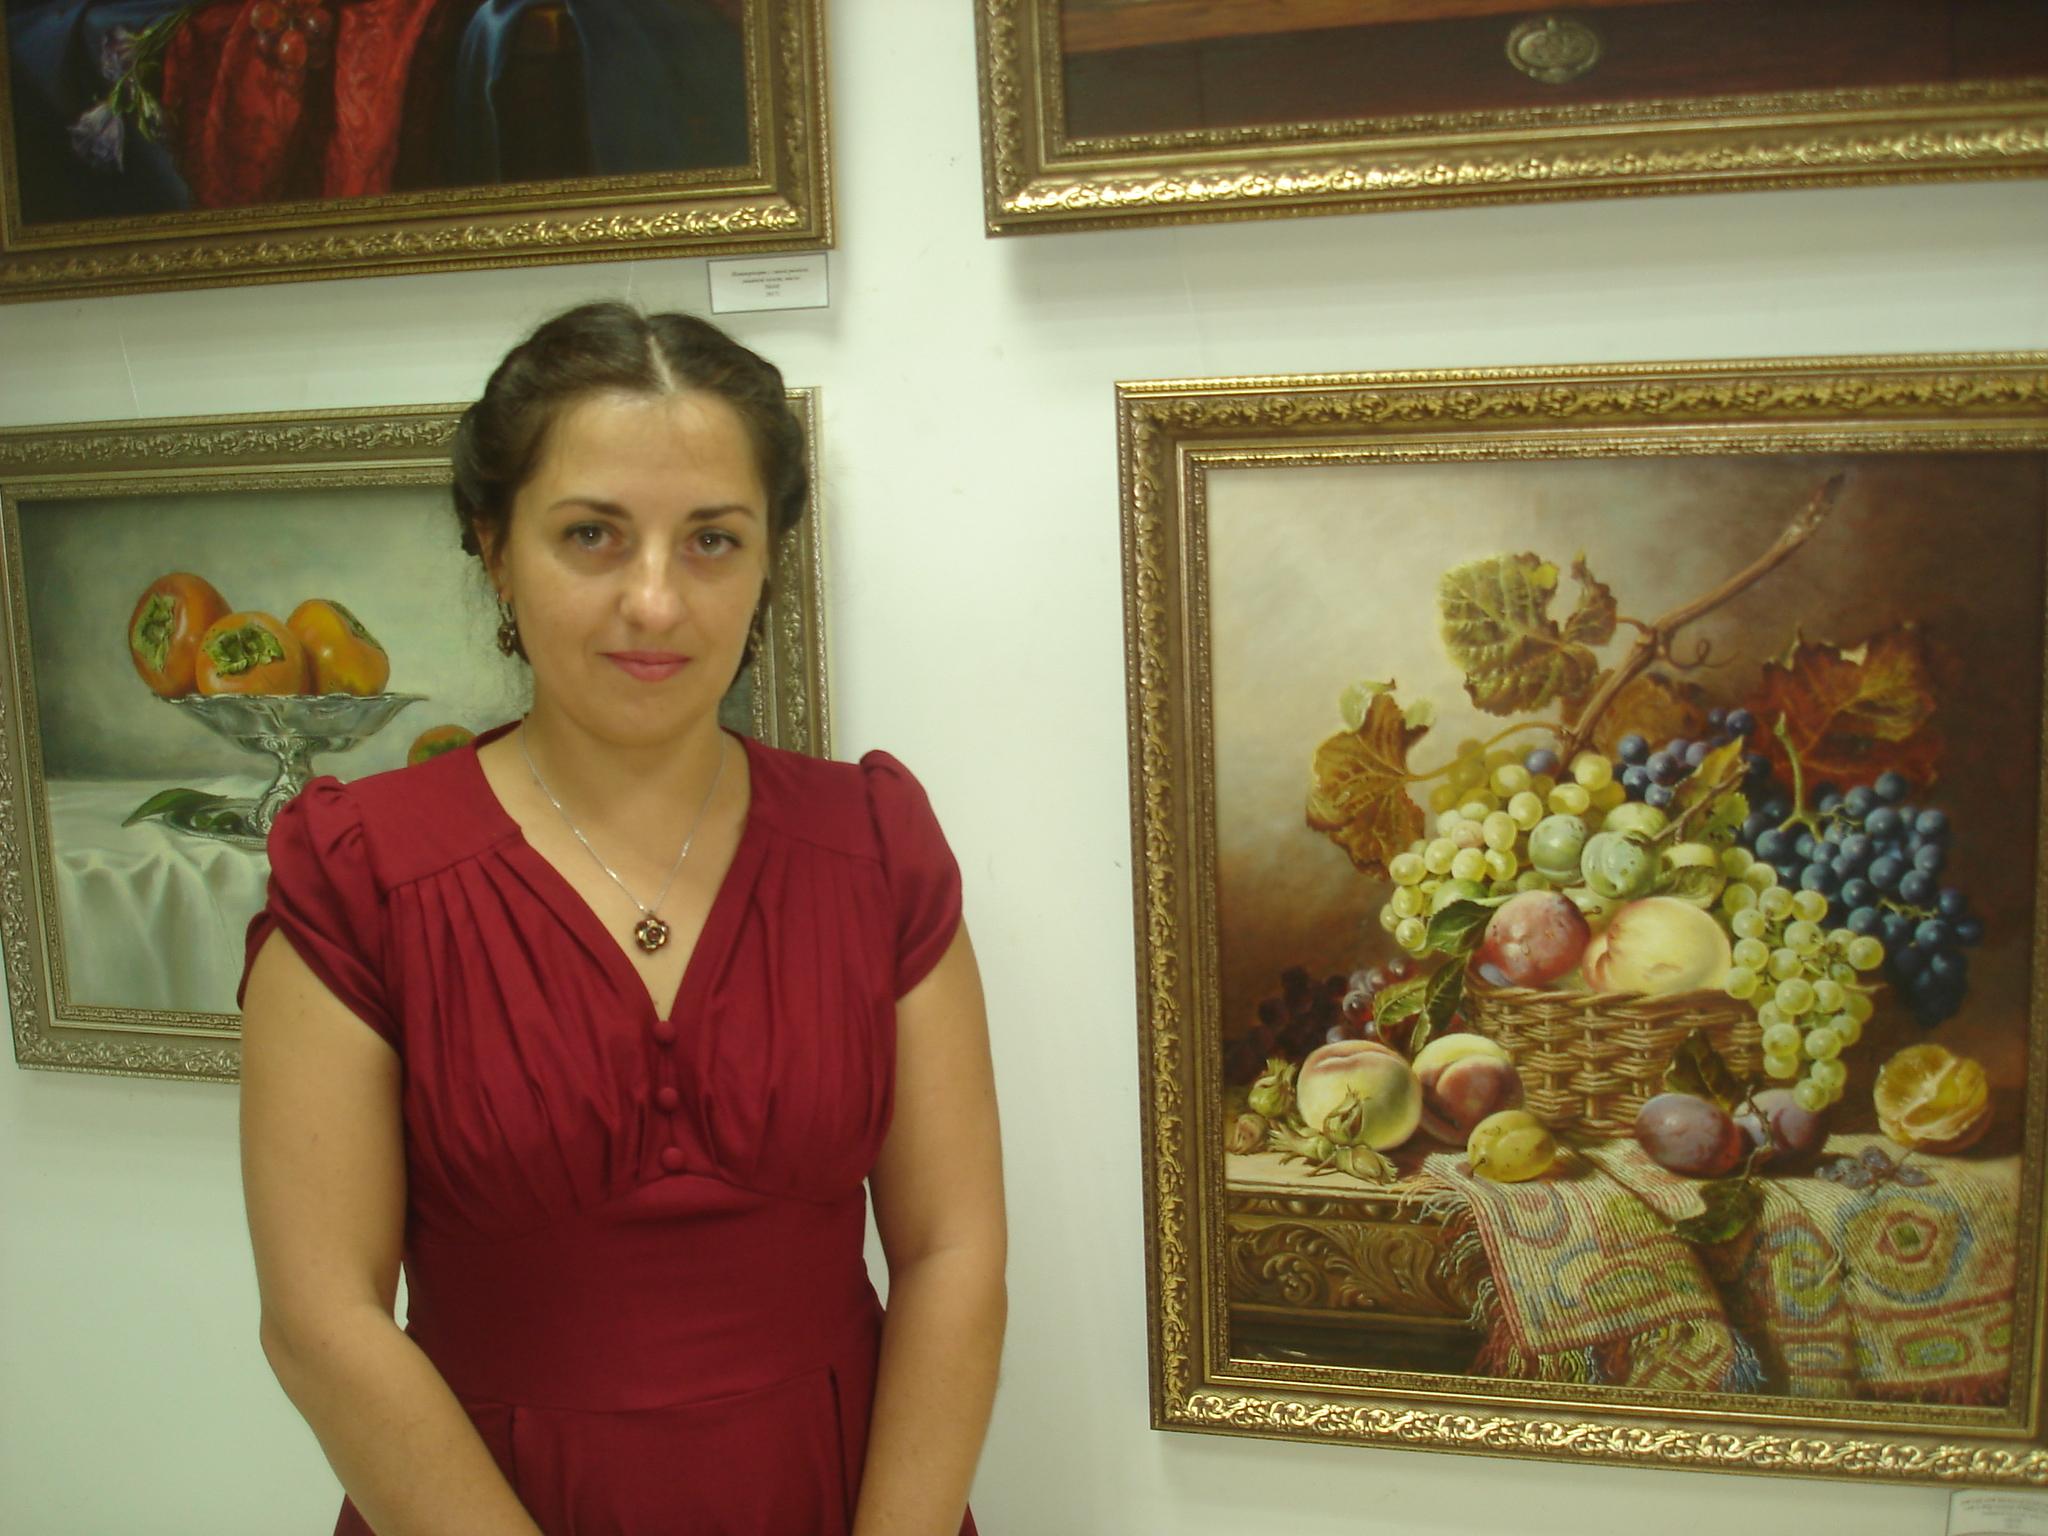 Атлас голландской живописи. Первая персональная выставка Татьяны Лазурко «Гармония души»